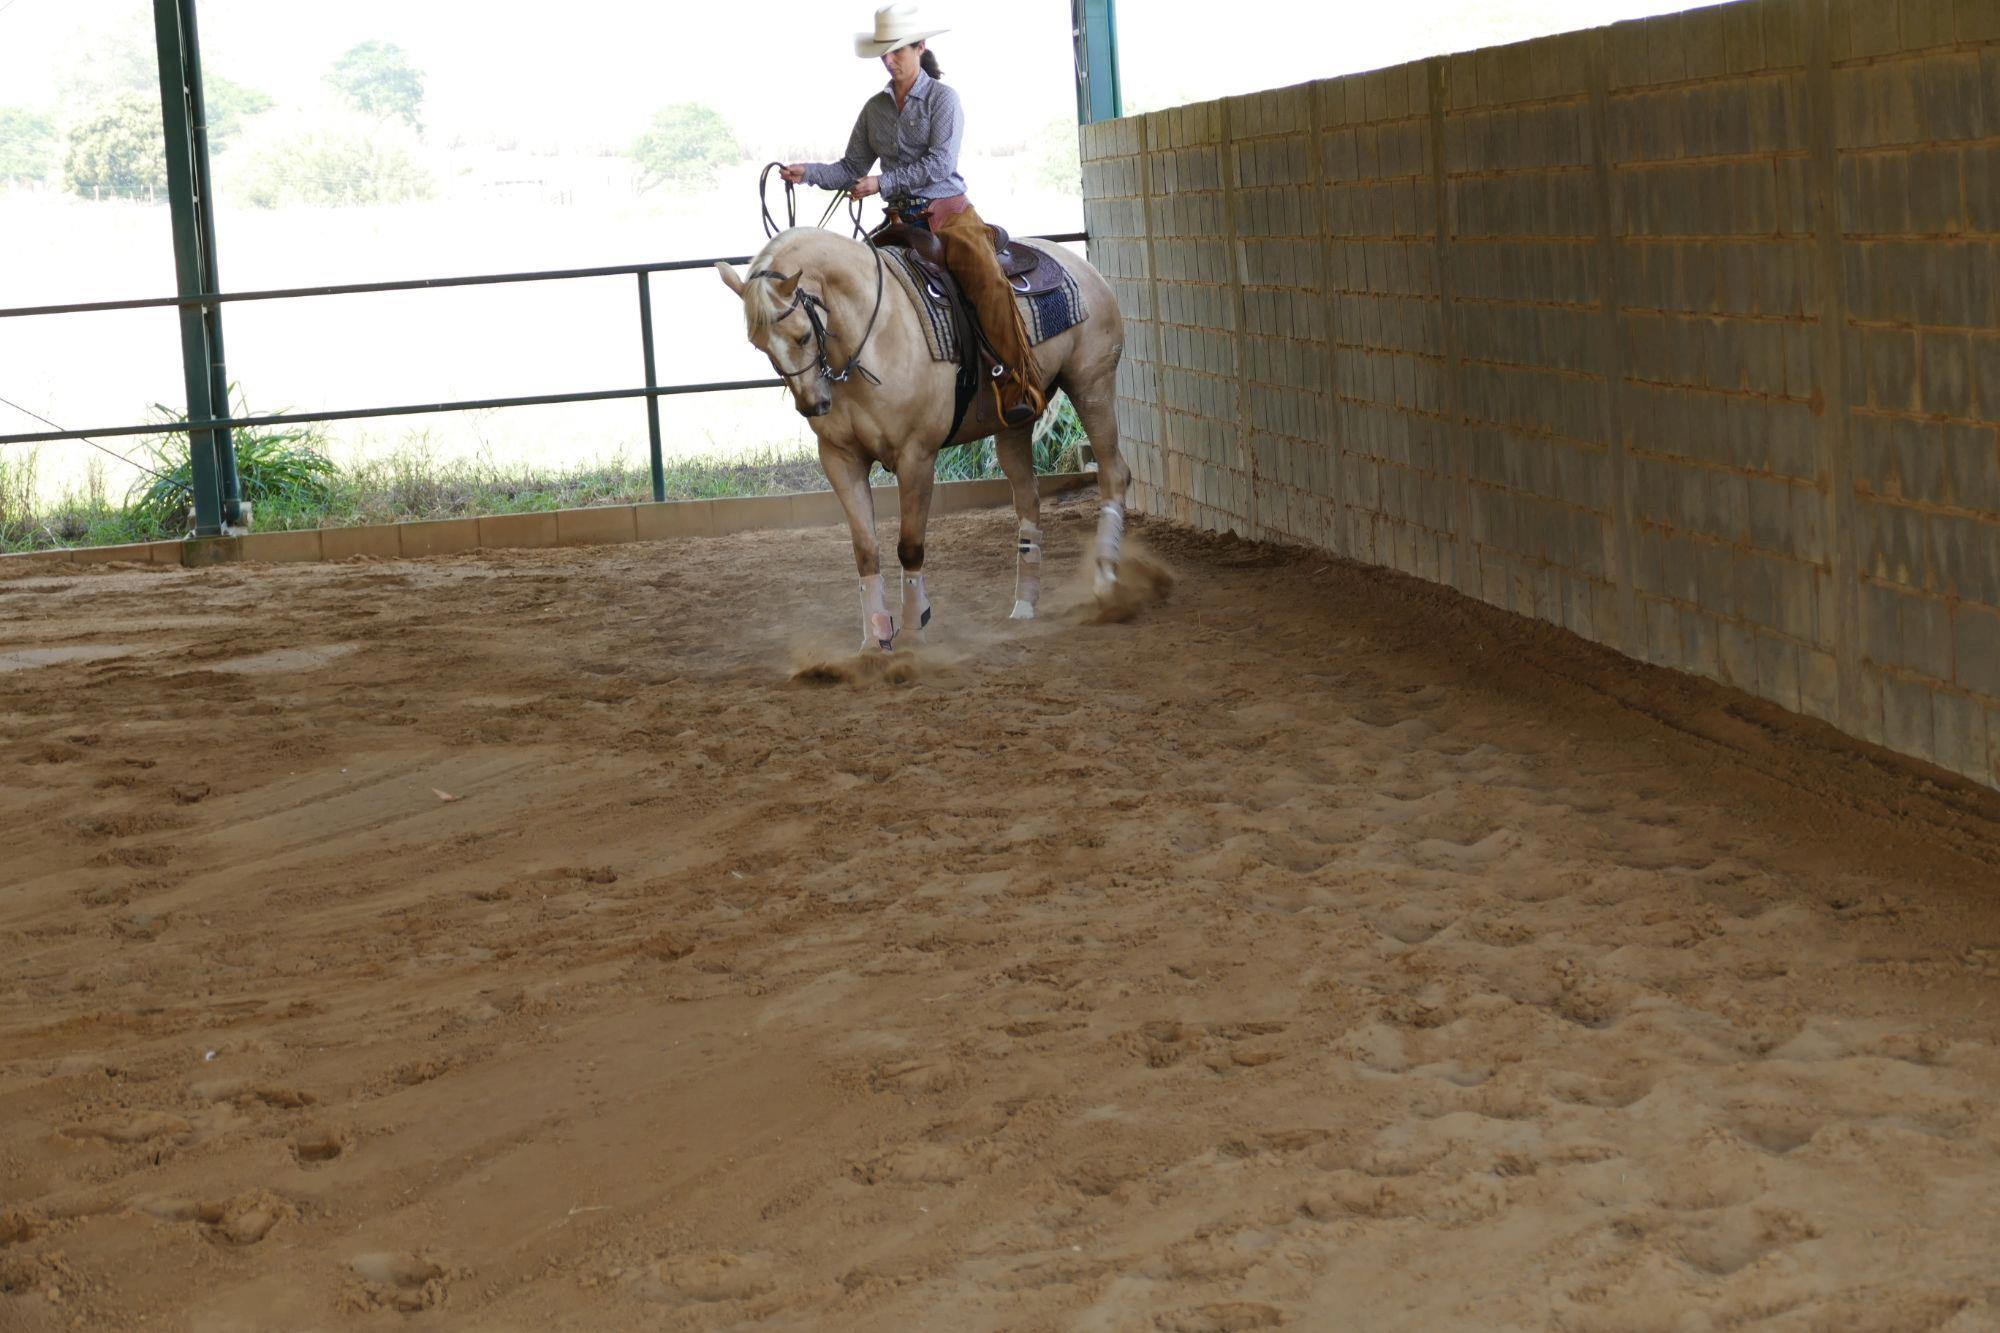 FOTO 3 - Renvers, Apoio cavalos,  treinamento,  cavalos,  Revista Horse, Eduardo Borba, Exercícios da escola acadêmica - Parte 4